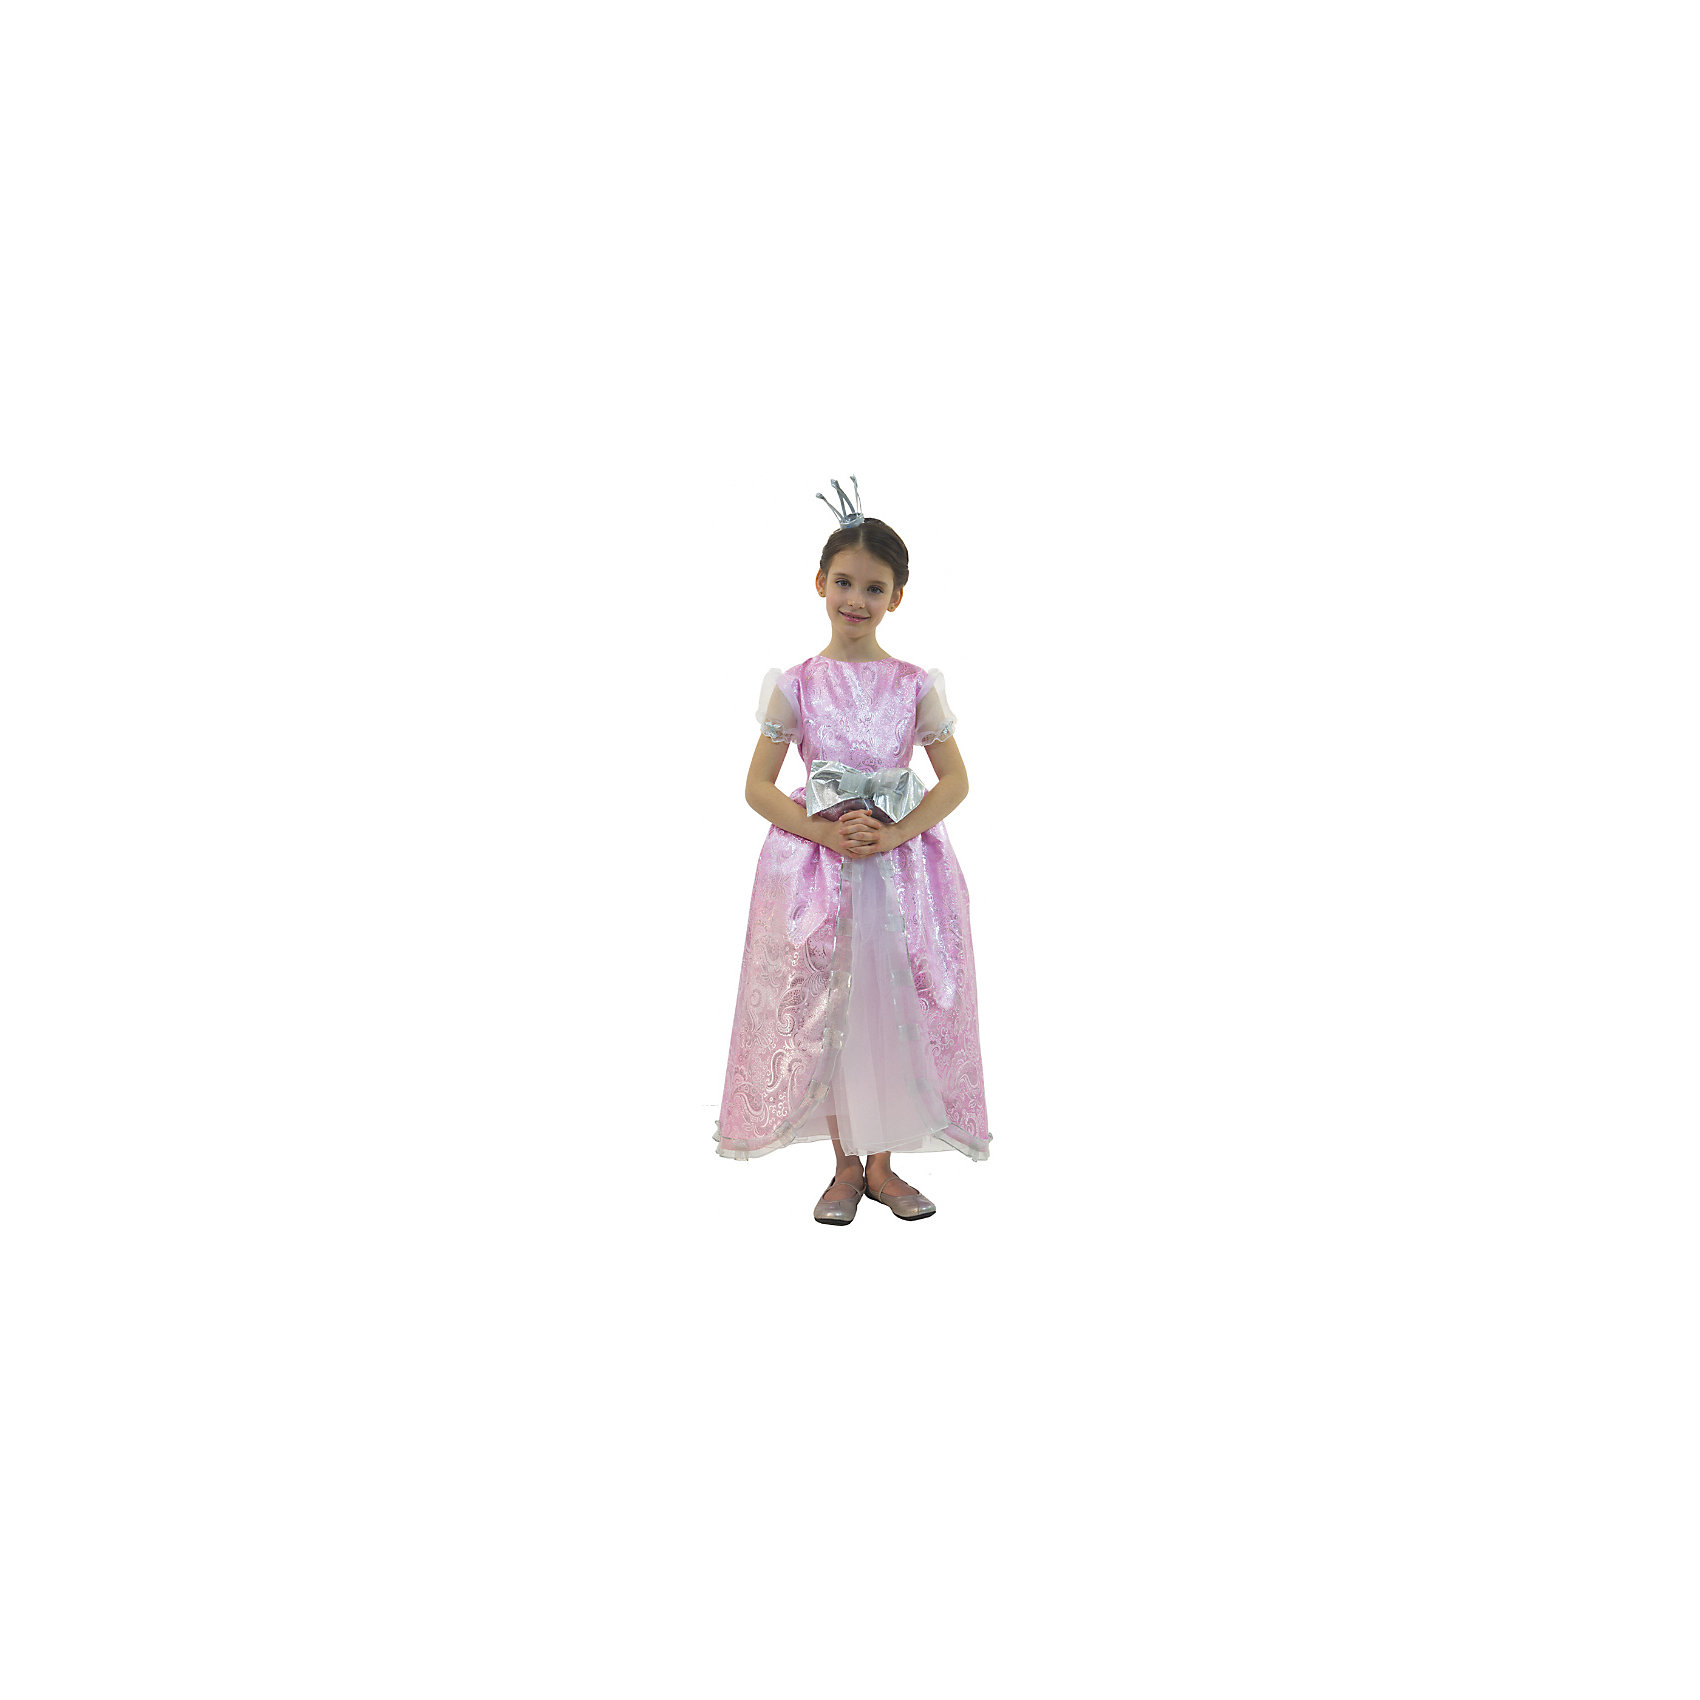 Карнавальный костюм для девочки Принцесса Розовая Люкс, ВестификаКарнавальные костюмы и аксессуары<br>Каждая девочка мечтает почувствовать себя настоящей принцессой и поехать на бал в самом красивом платье на свете. Эта мечта становится реальностью, как только девочка примеряет карнавальный костюм Принцесса Люкс. Костюм выполнен из настоящей розовой парчи с золотой нитью. Многочисленные нижние юбки из тафеты и органзы придают объем шикарному бальному платью. Маленькая корона фиксируется на волосах невидимками.<br><br>Дополнительная информация:<br><br>Комплектация:<br>Платье из парчи и органзы<br>Корона<br>Ткани:<br>Парча (100% полиэстер)<br>Органза (100% полиэстер)<br>Тафета (100% полиэстер)<br><br>Карнавальный костюм для девочки Принцесса Розовая Люкс, Вестифика можно купить в нашем магазине.<br><br>Ширина мм: 236<br>Глубина мм: 16<br>Высота мм: 184<br>Вес г: 360<br>Цвет: разноцветный<br>Возраст от месяцев: 48<br>Возраст до месяцев: 60<br>Пол: Женский<br>Возраст: Детский<br>Размер: 104/110,128/134,116/122<br>SKU: 4389252